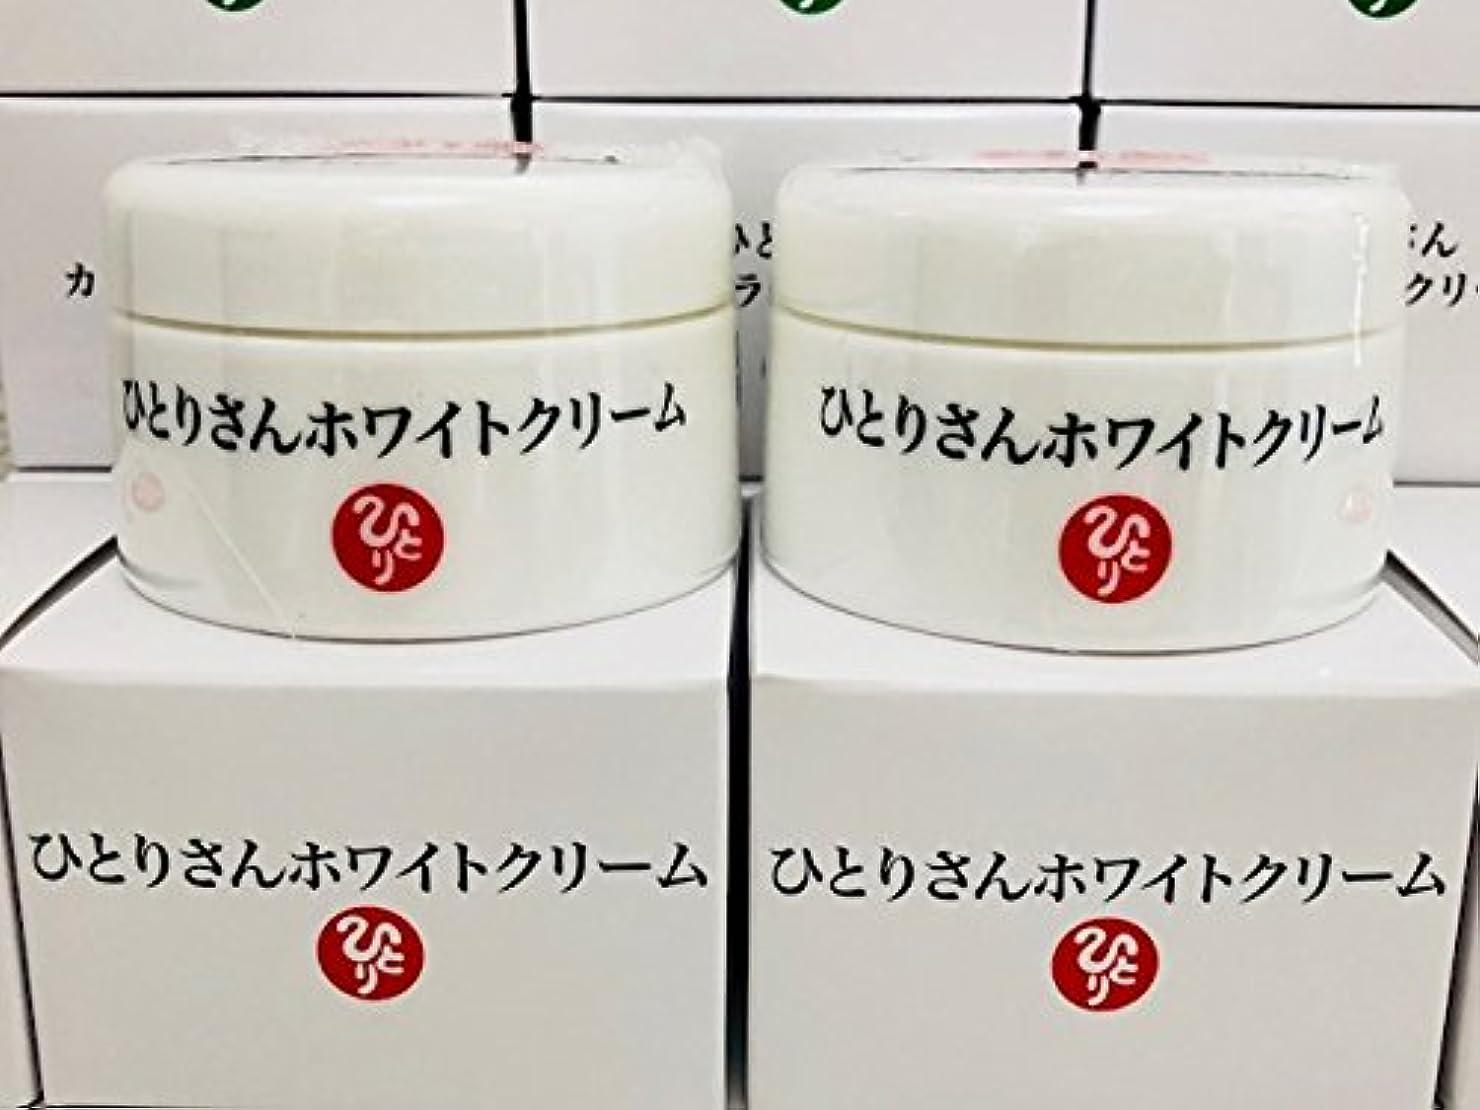 ラベ努力モンスター銀座まるかん ひとりさんホワイトクリーム 2個セット 【只今 ひとりさんの詩 ポストカードプレゼント中で~す】